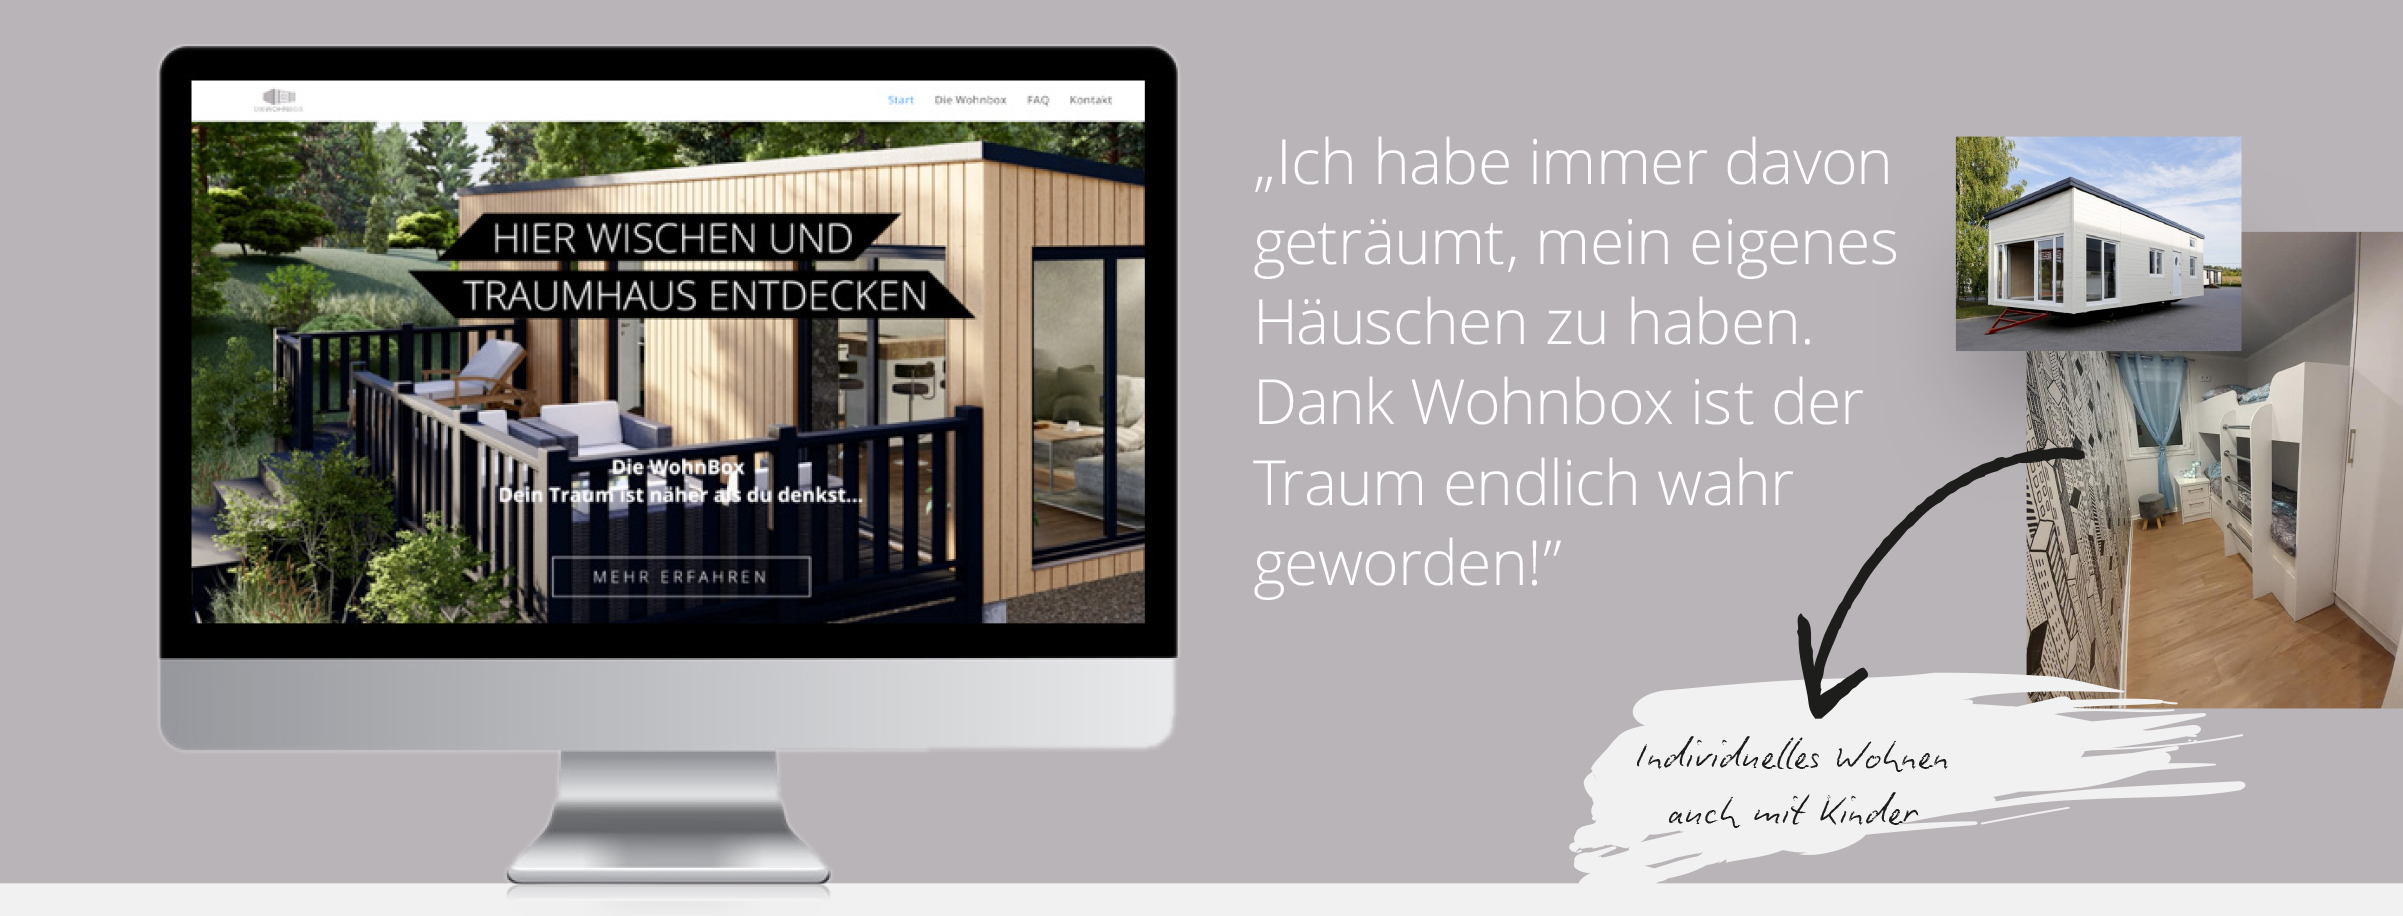 referenz-agentur-mannheim-website-homepage-wohnbox